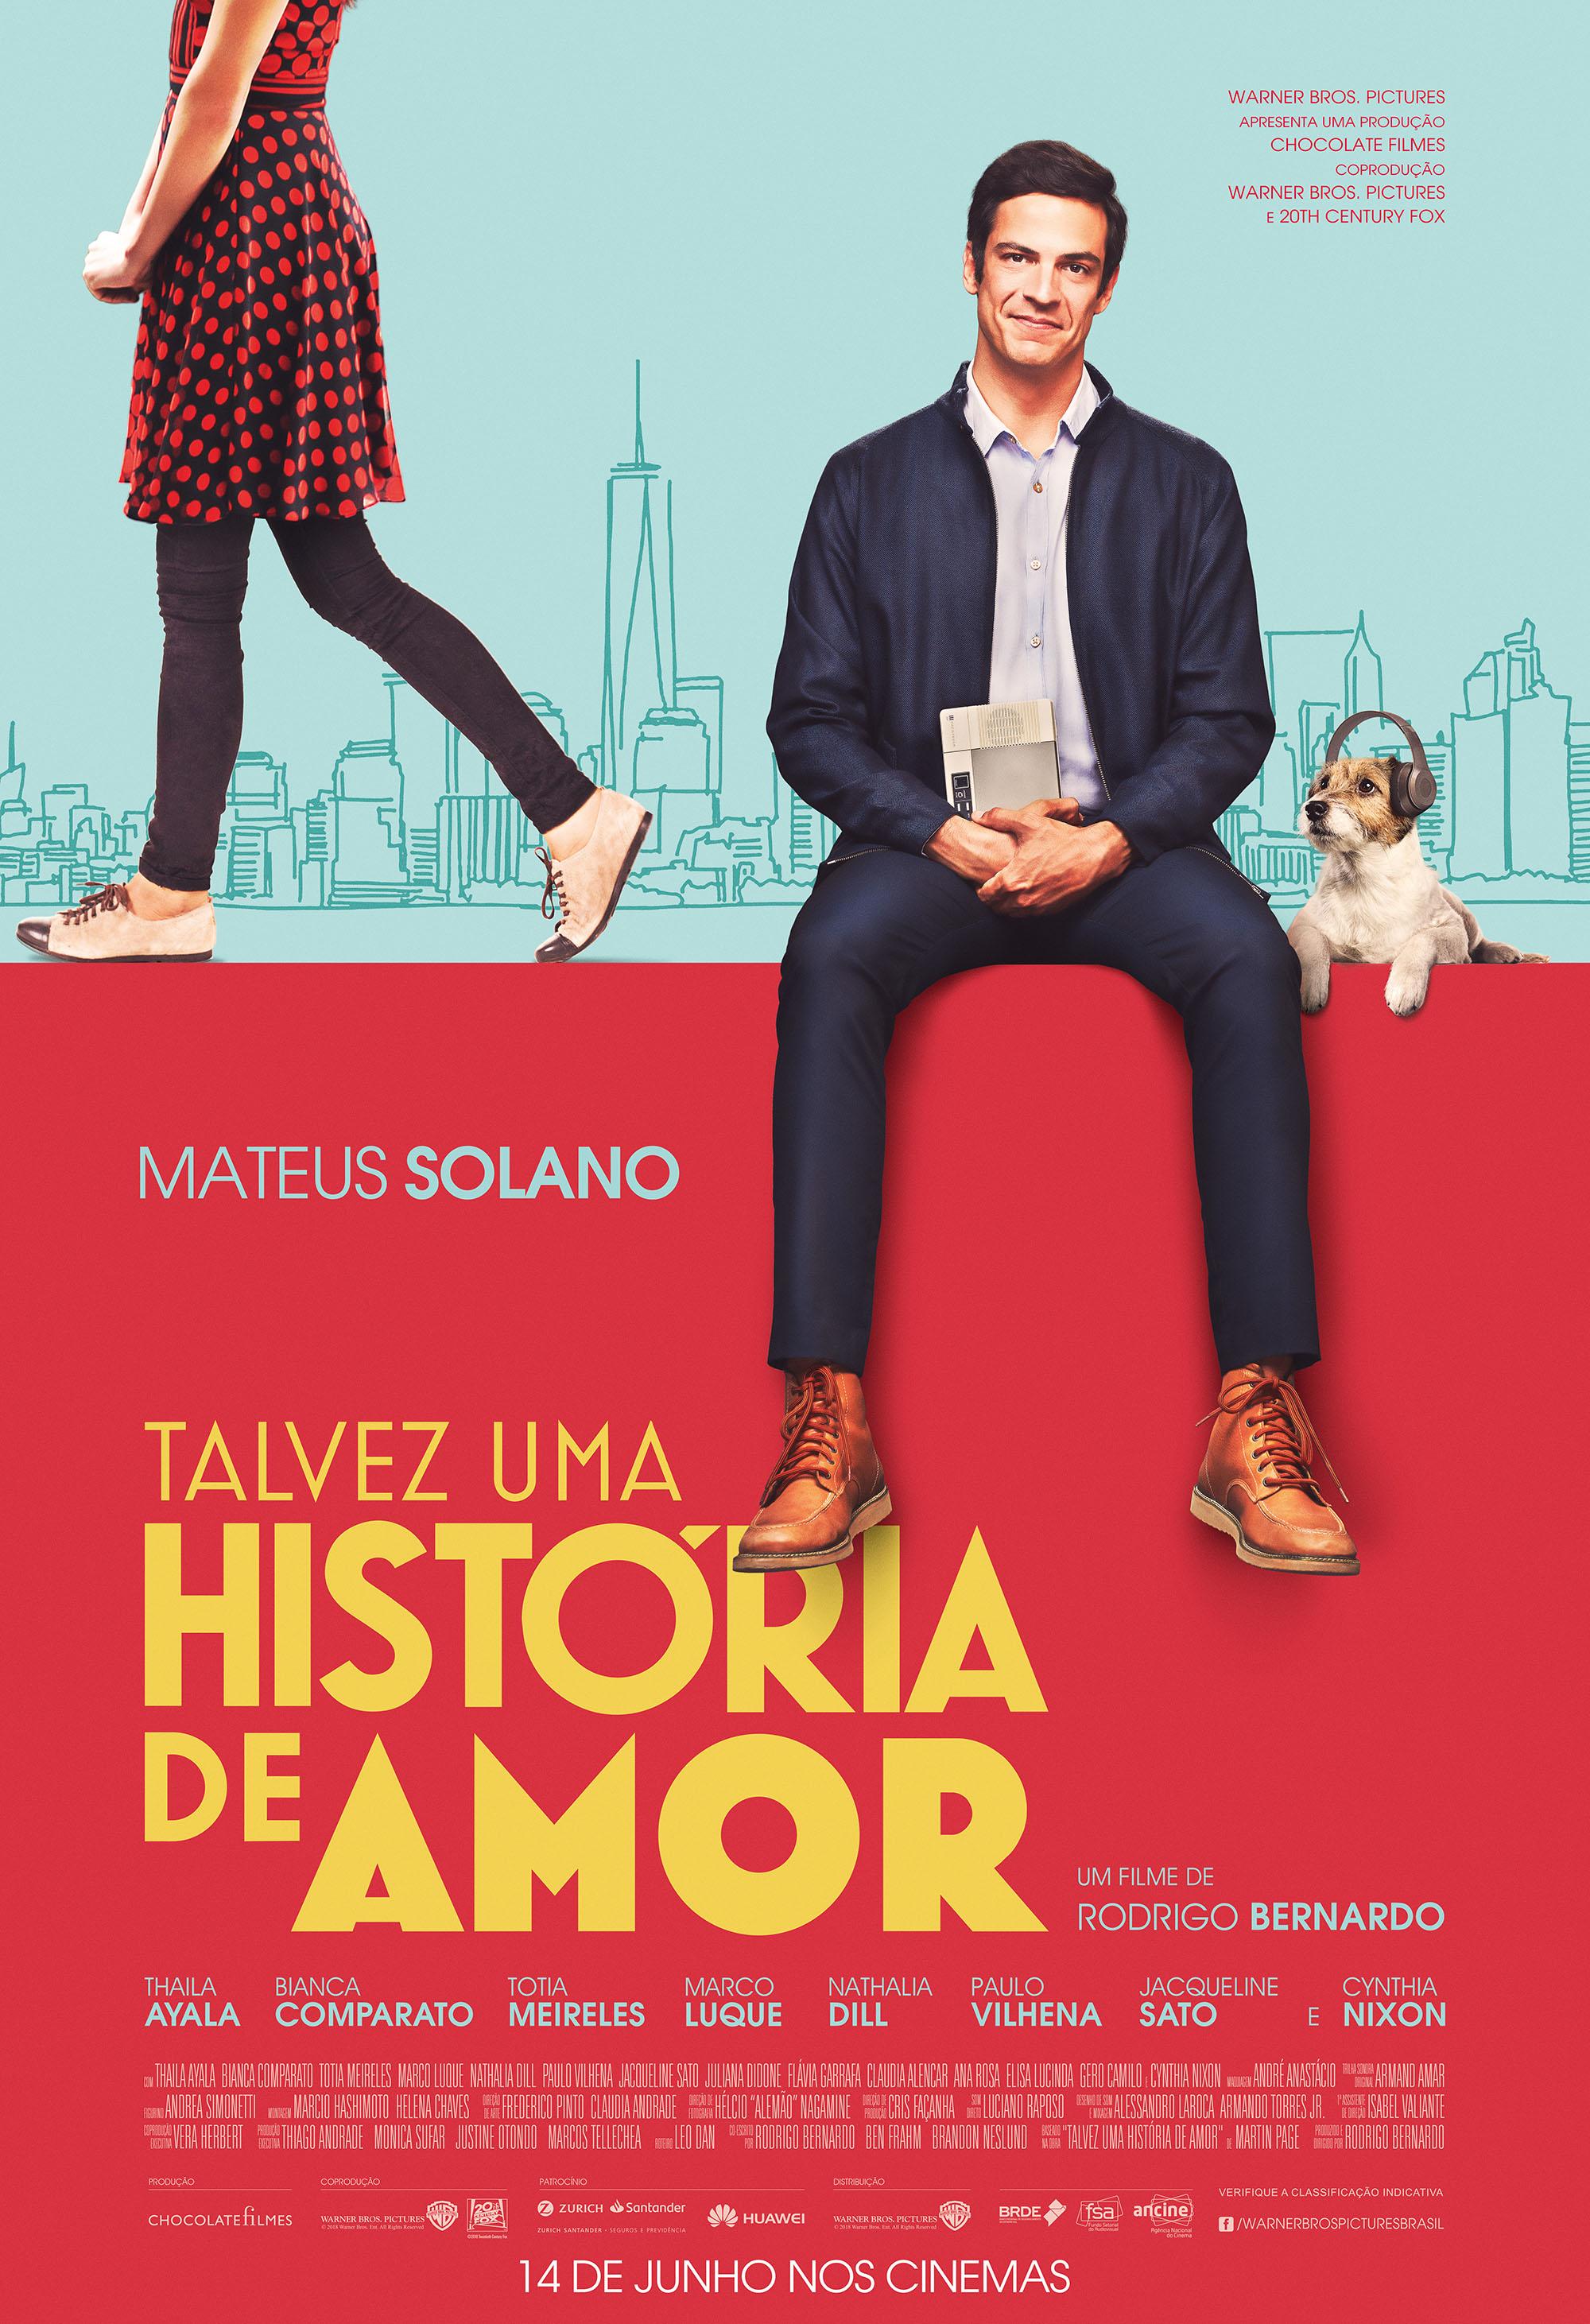 ESTER: Filme de amor online